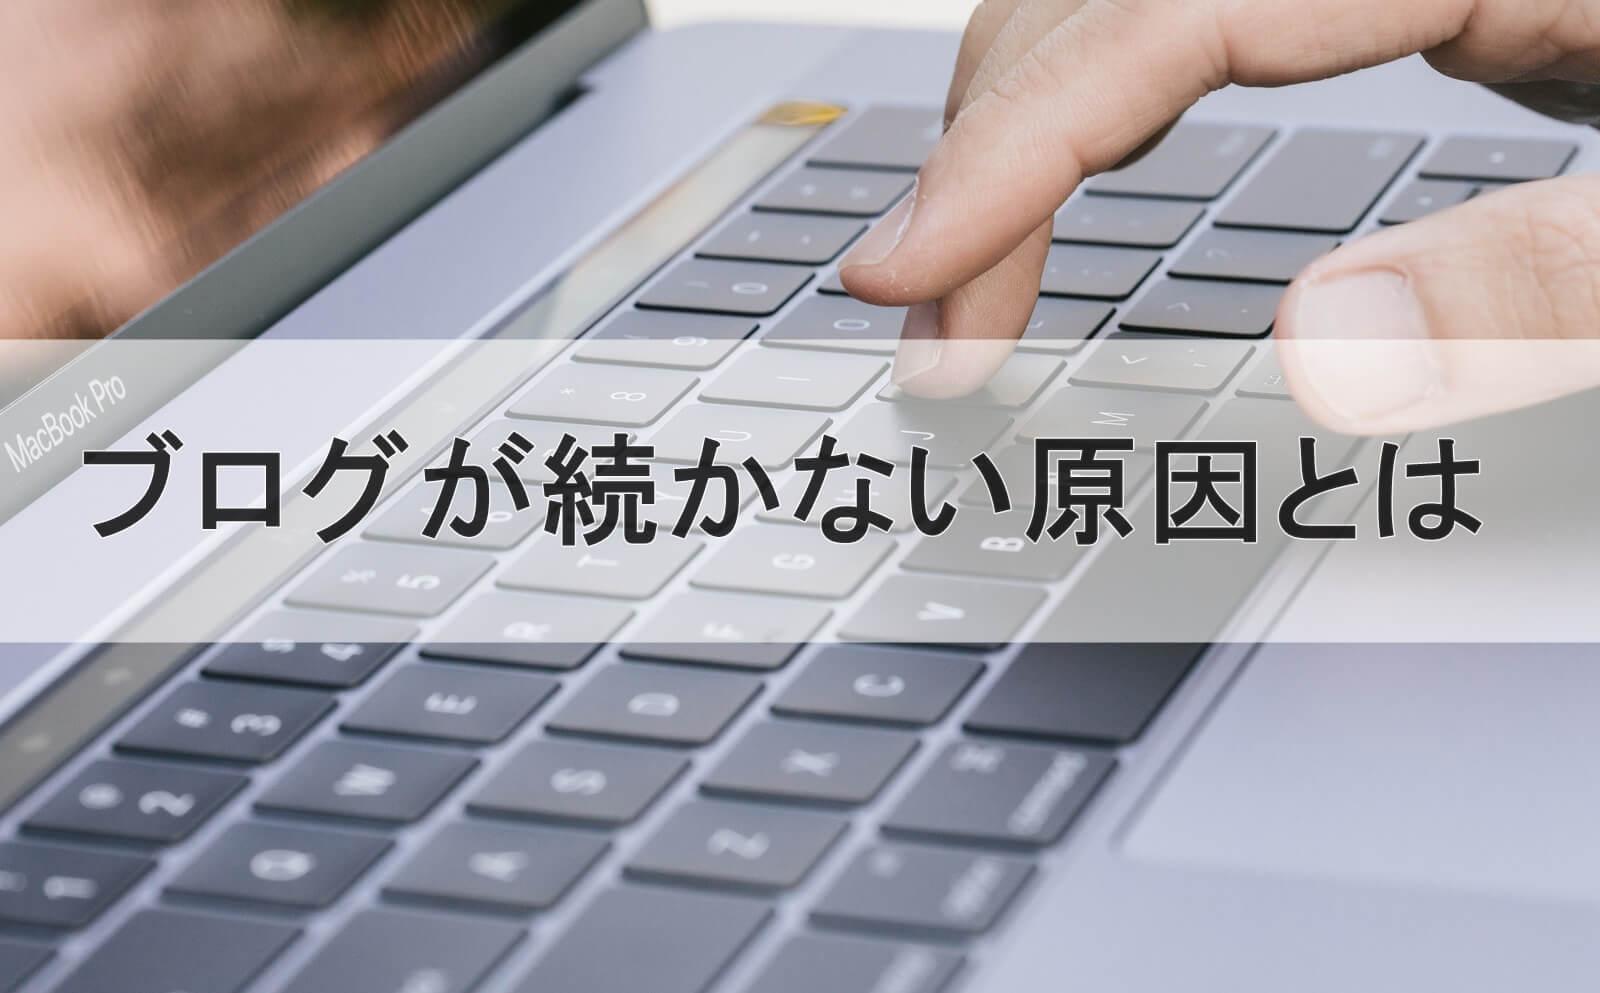 ノートパソコンを使用している手